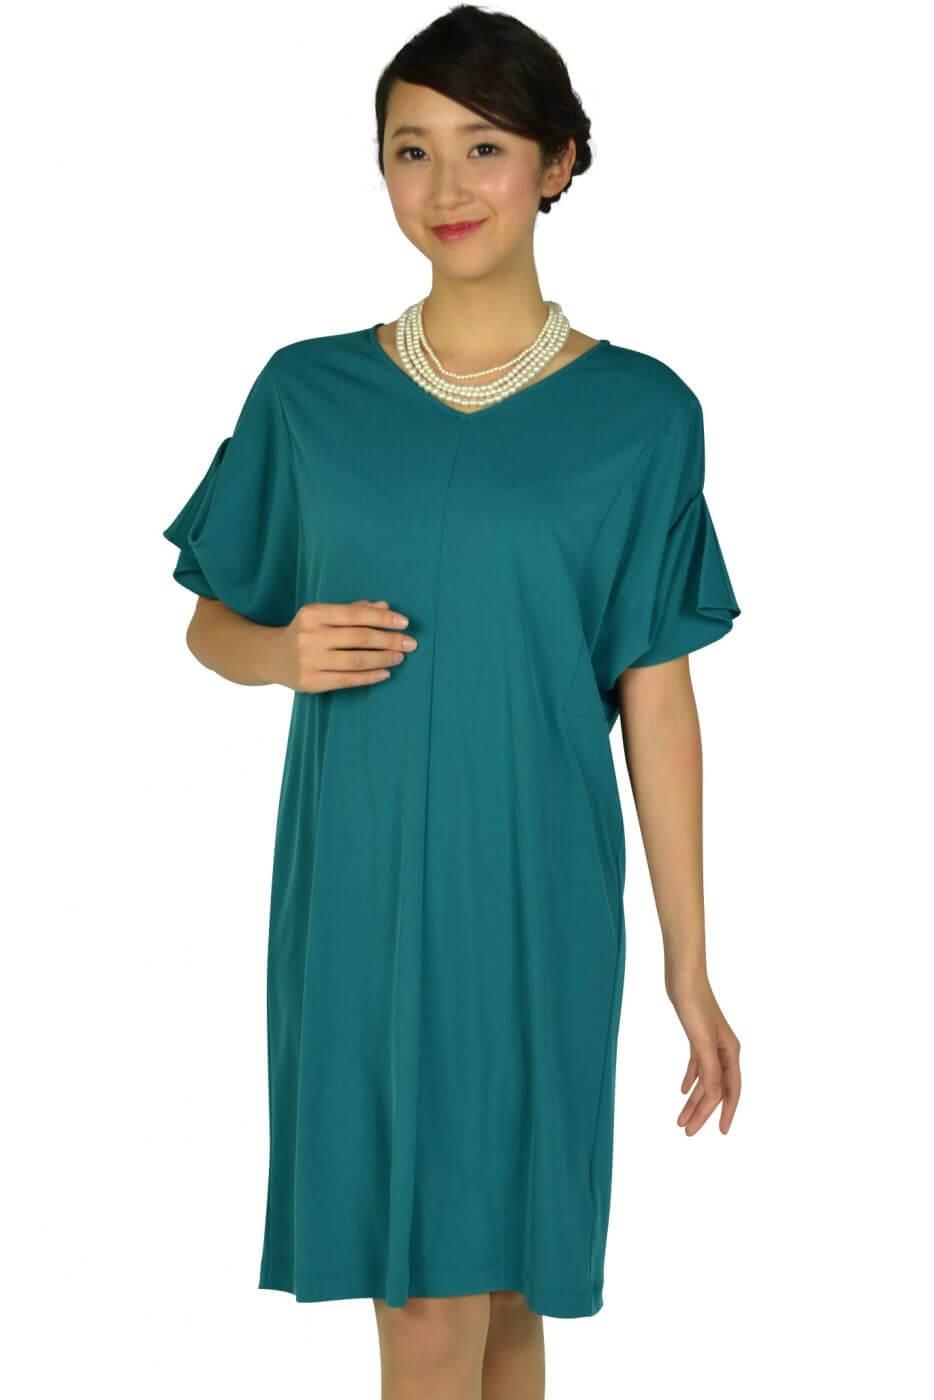 ロートレアモン(LAUTREAMONT)ゆったり5分袖ブルーグリーンドレス